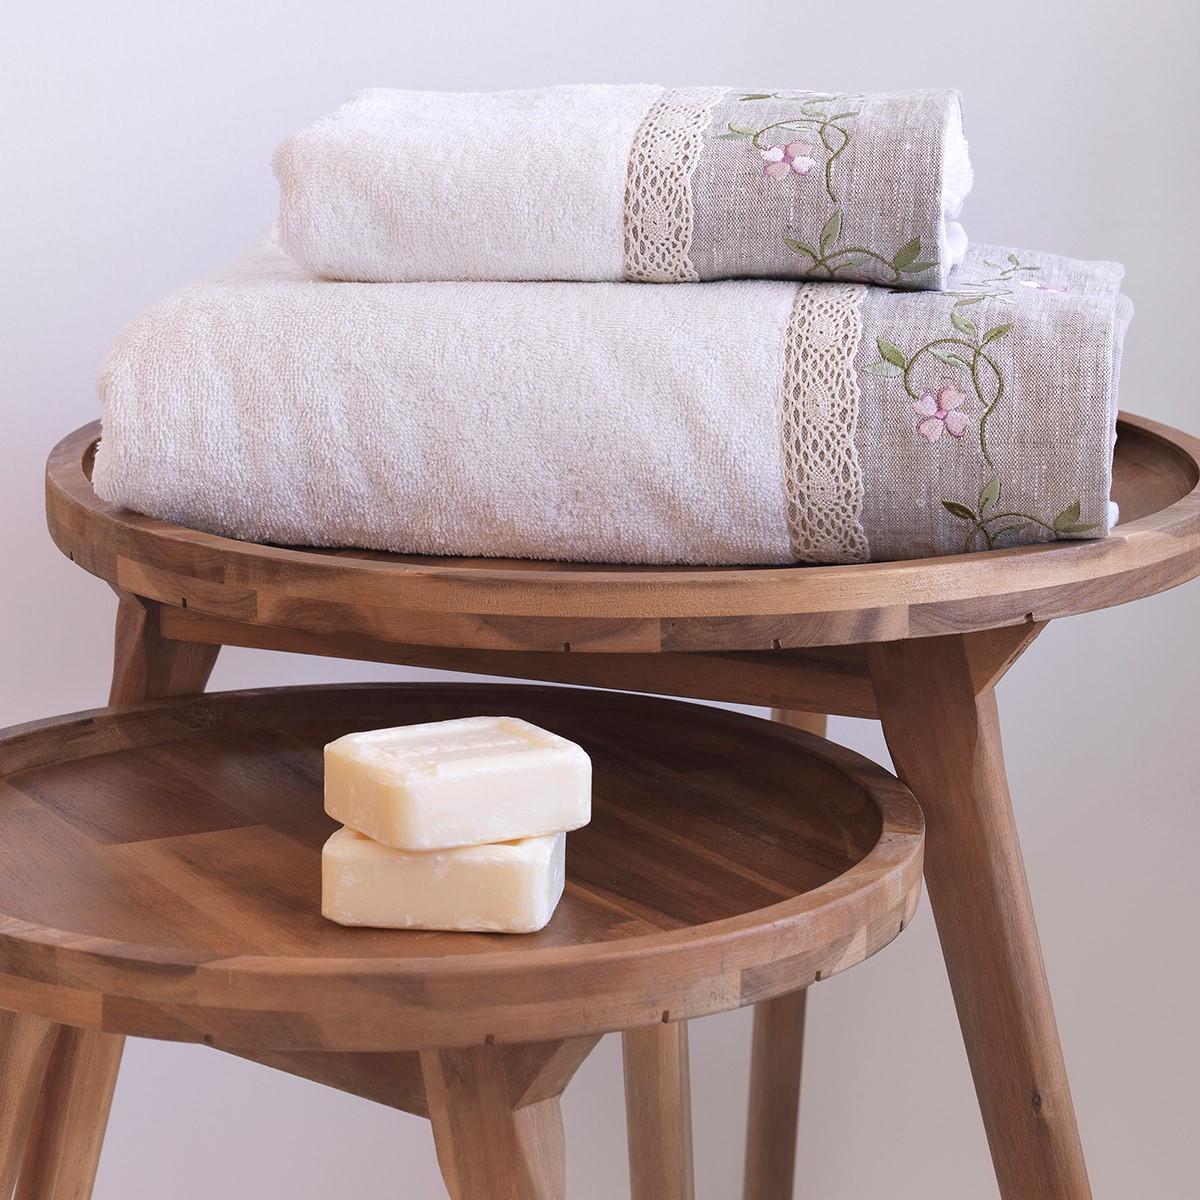 Πετσέτες Μπάνιου (Σετ 2τμχ) Sb Home Garland Cream 75926